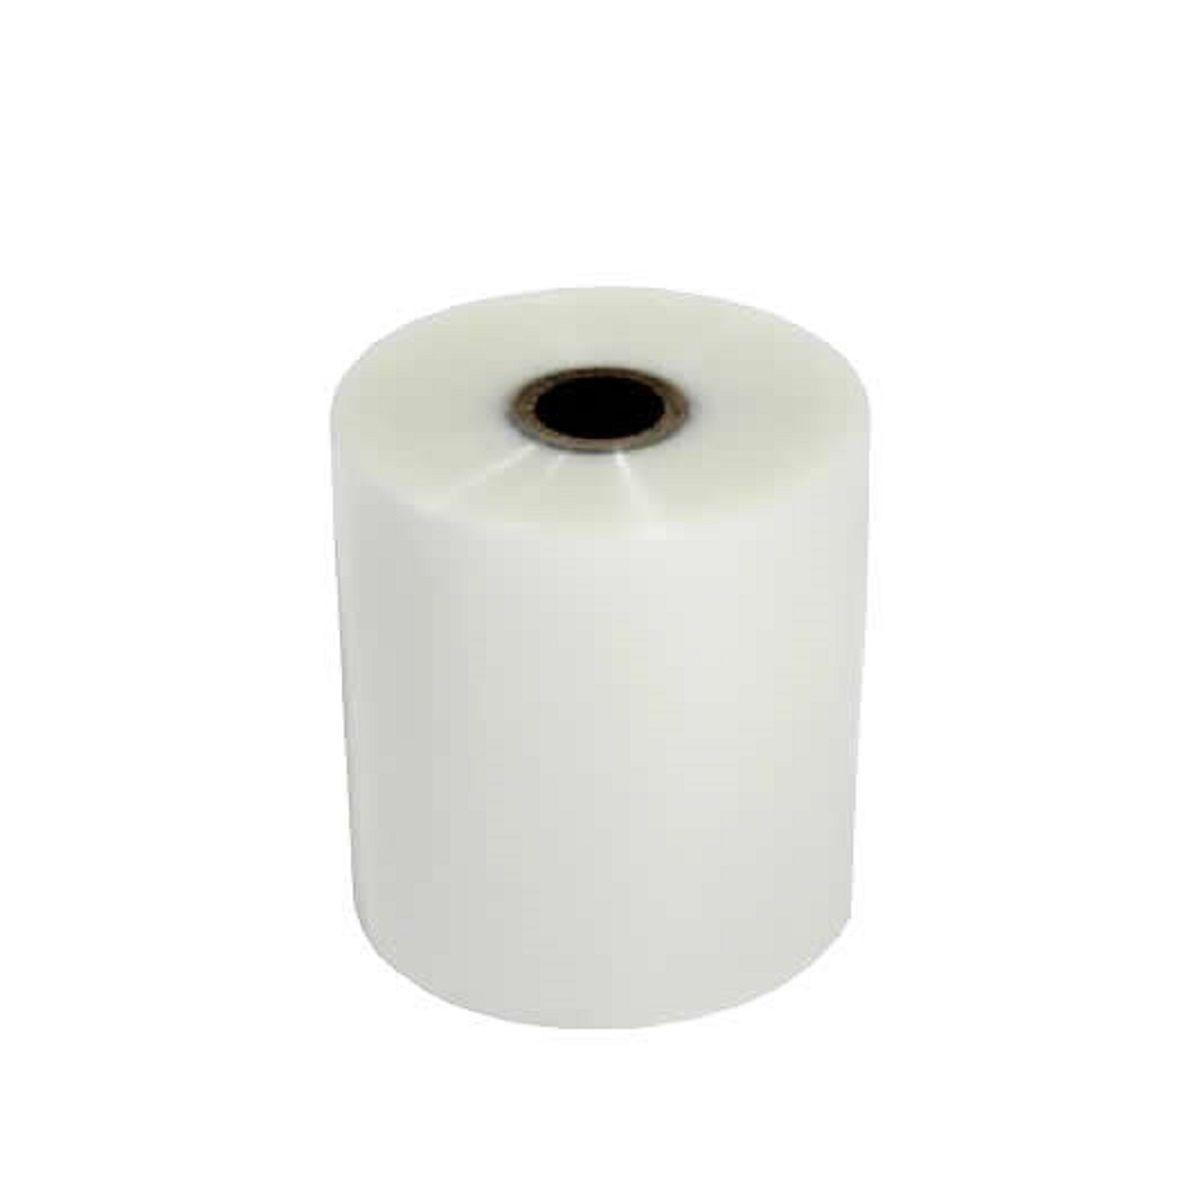 Kit 2 Bobinas para Plastificação RG 11,5cm x 45M x 0,08mm (190 micras)  - Click Suprimentos